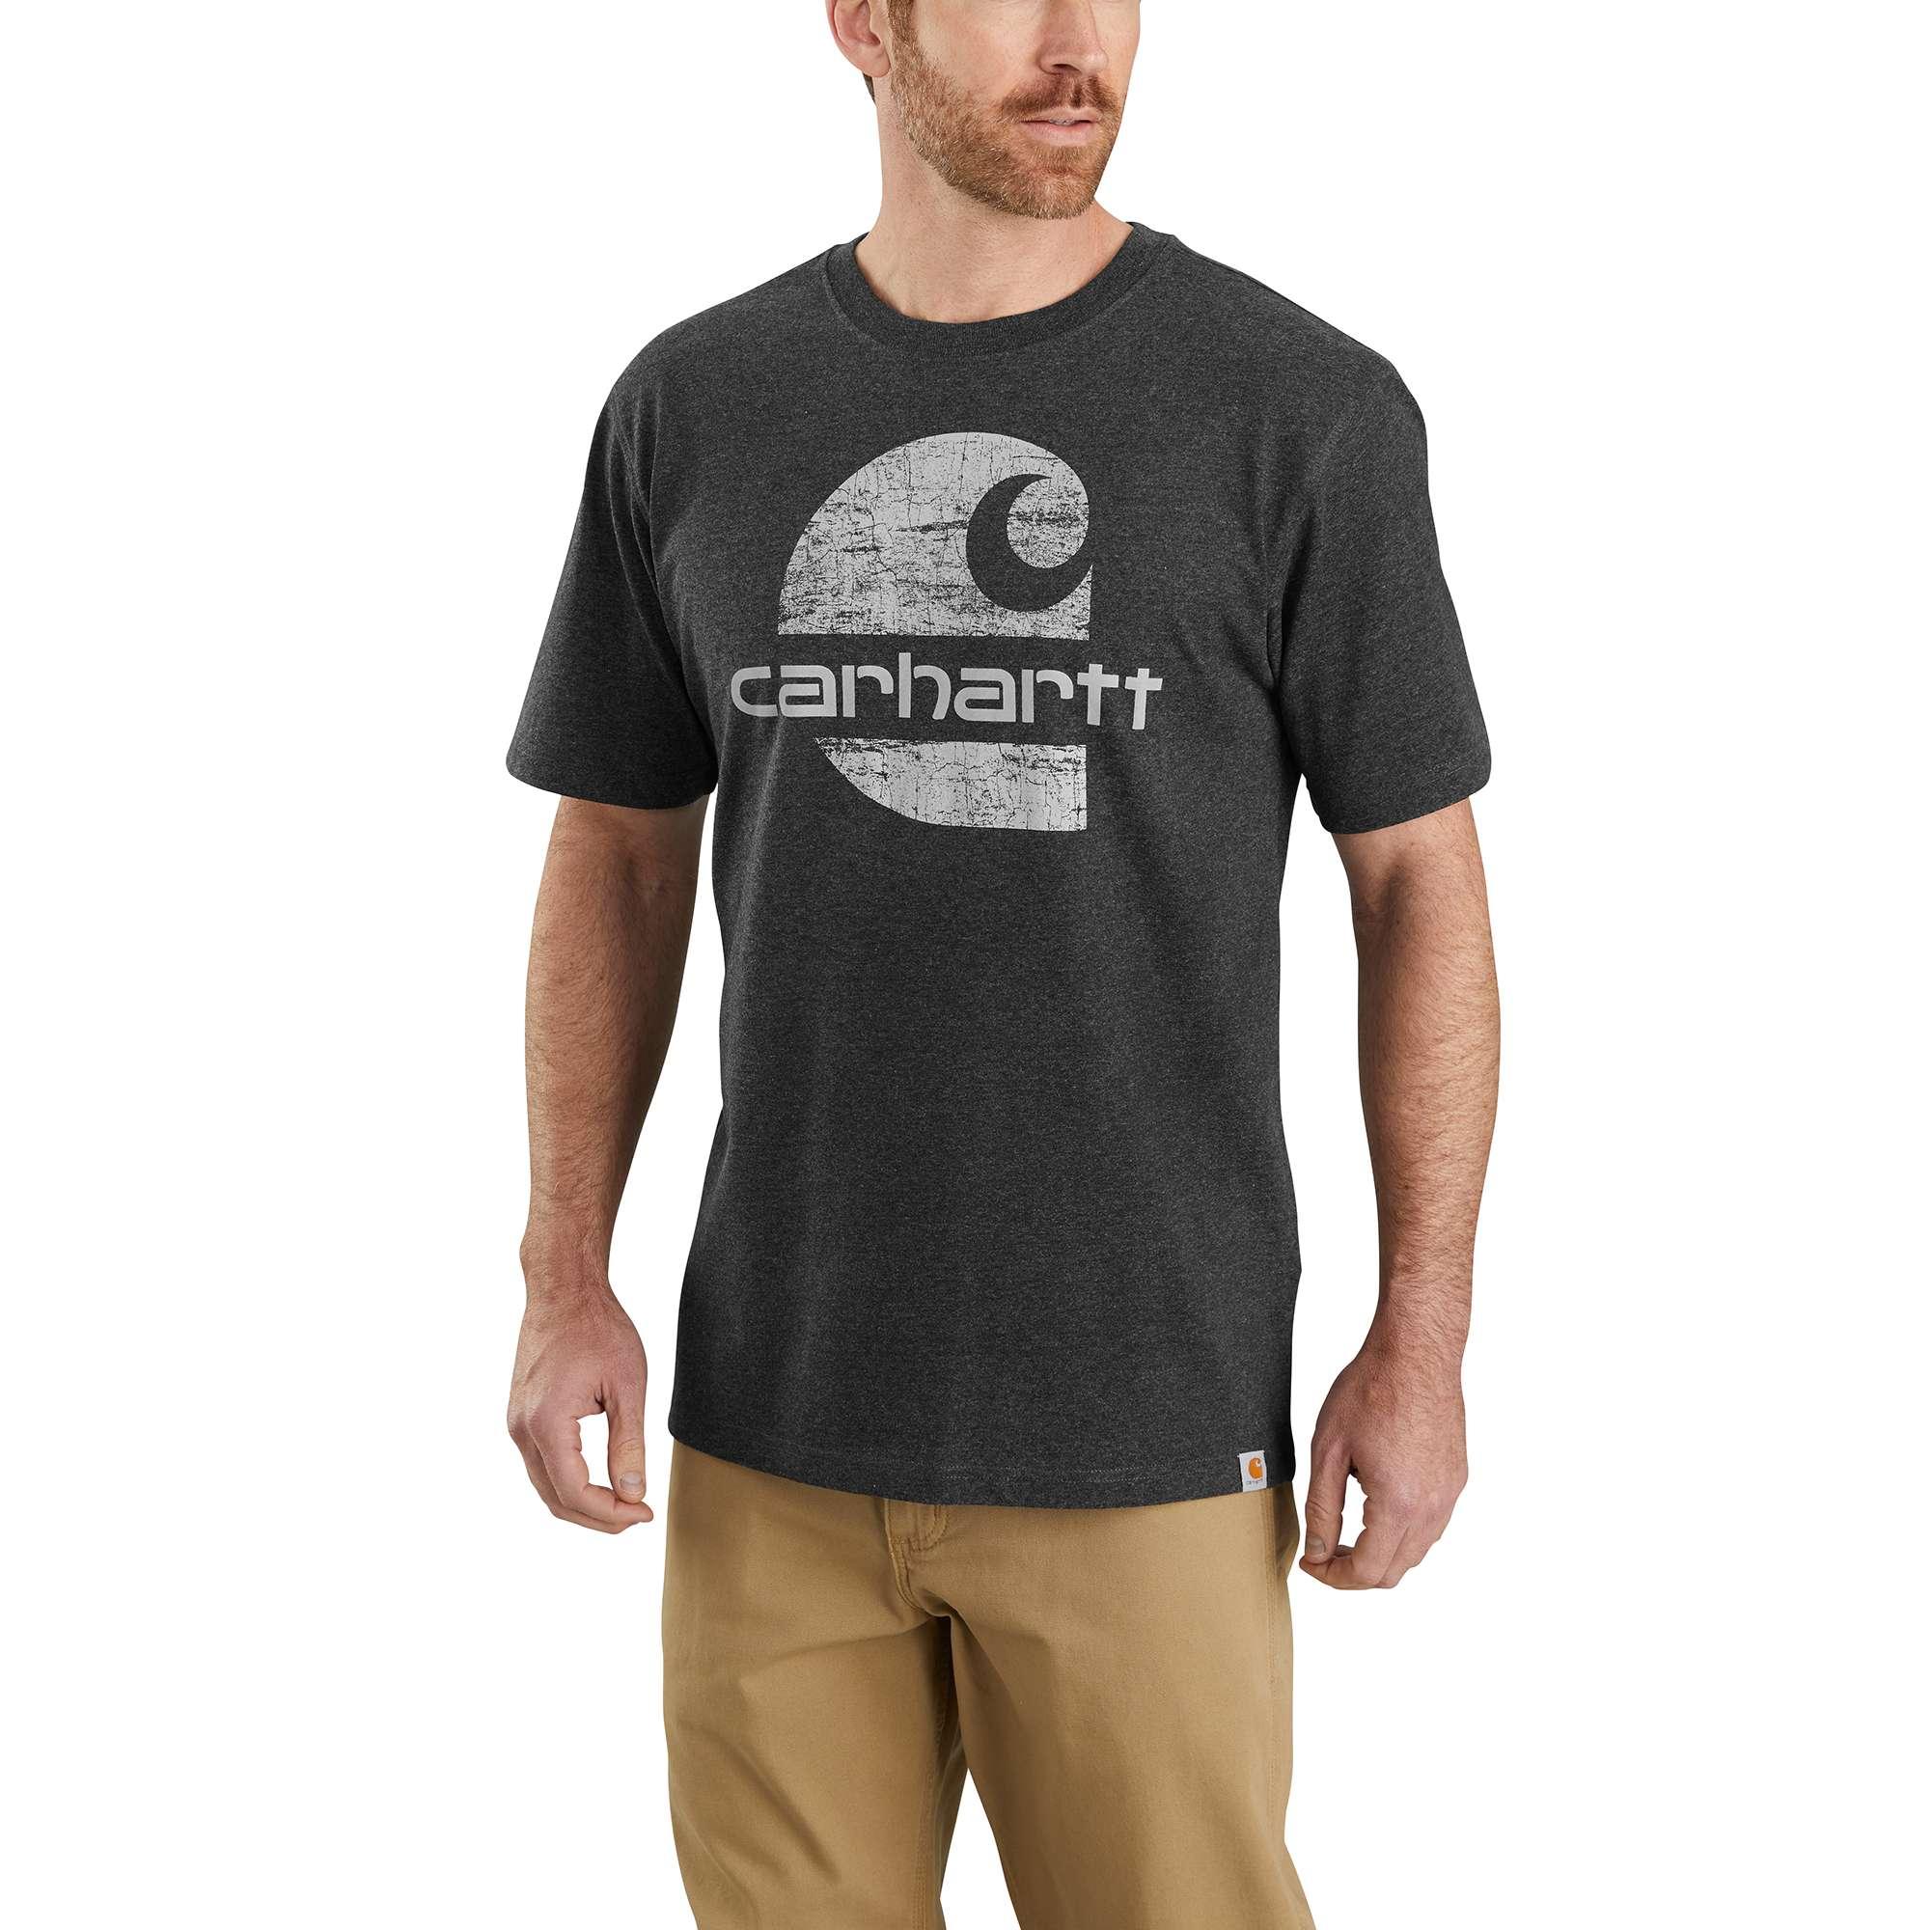 Carhartt Original Fit Heavyweight Short-Sleeve Logo Graphic T-Shirt